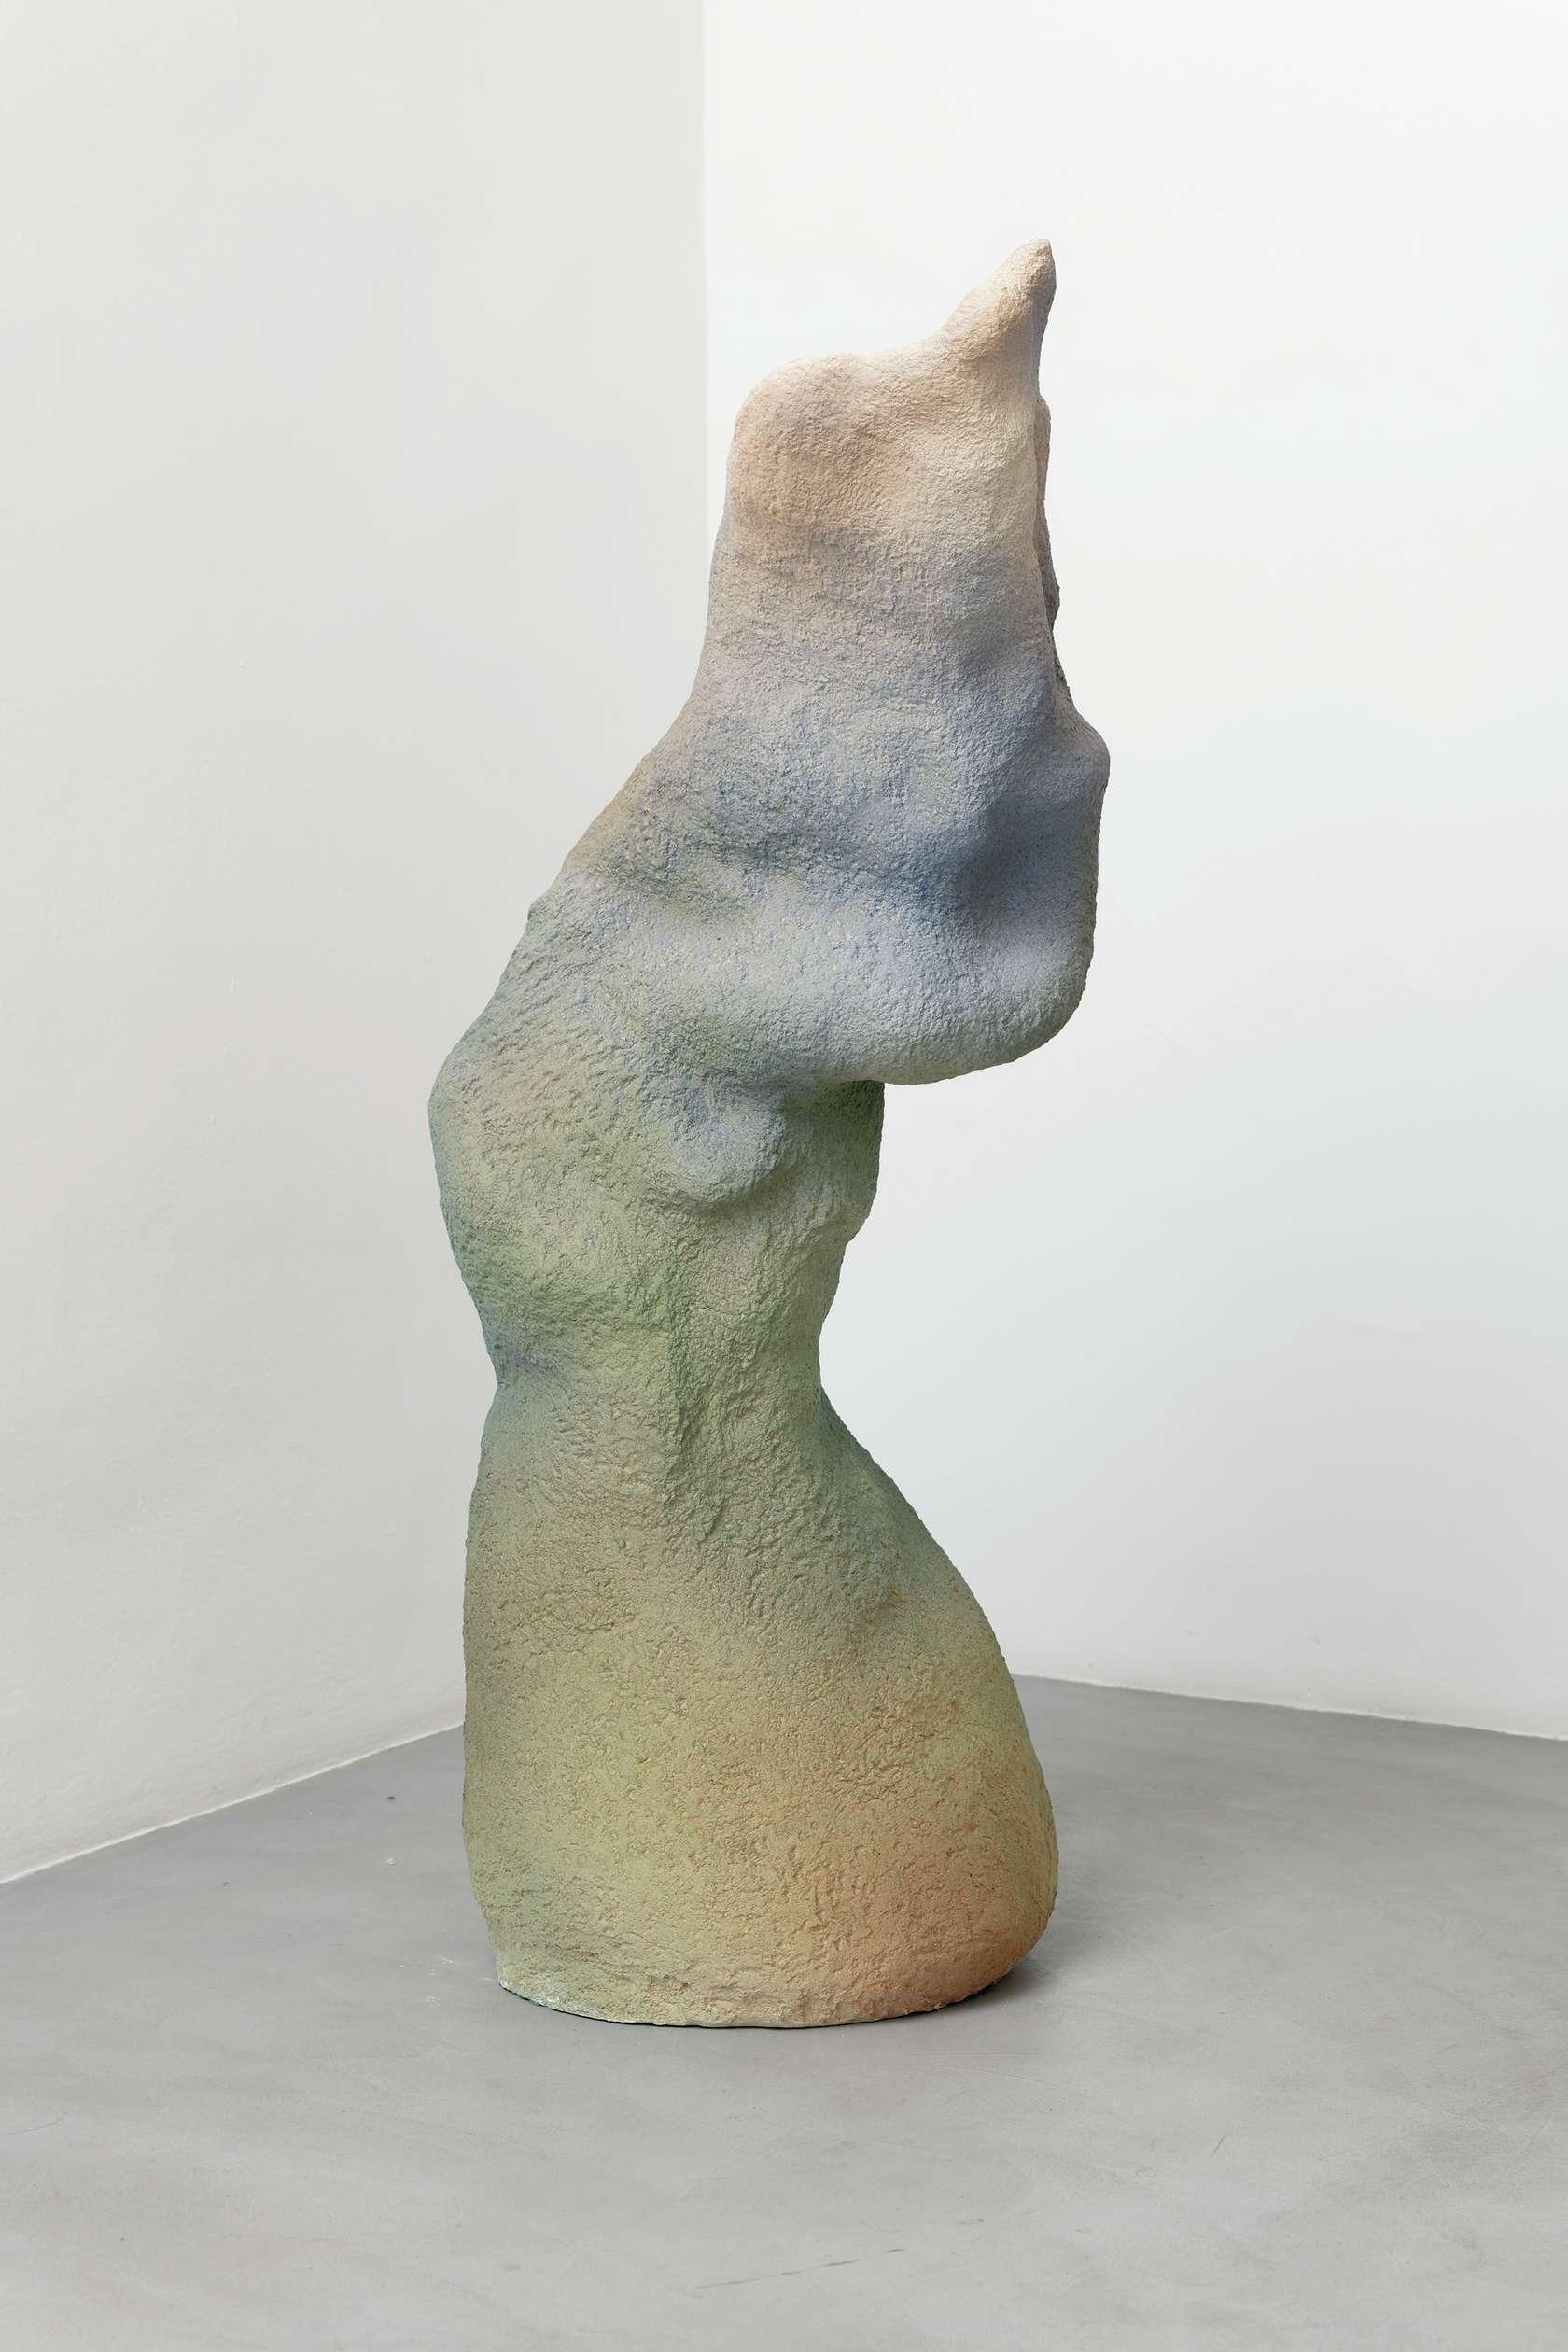 Salvatore Arancio, Lono, 2013 Céramique émaillée121 × 48 × 45 cm / 47 5/8 × 18 7/8 × 17 6/8 in.